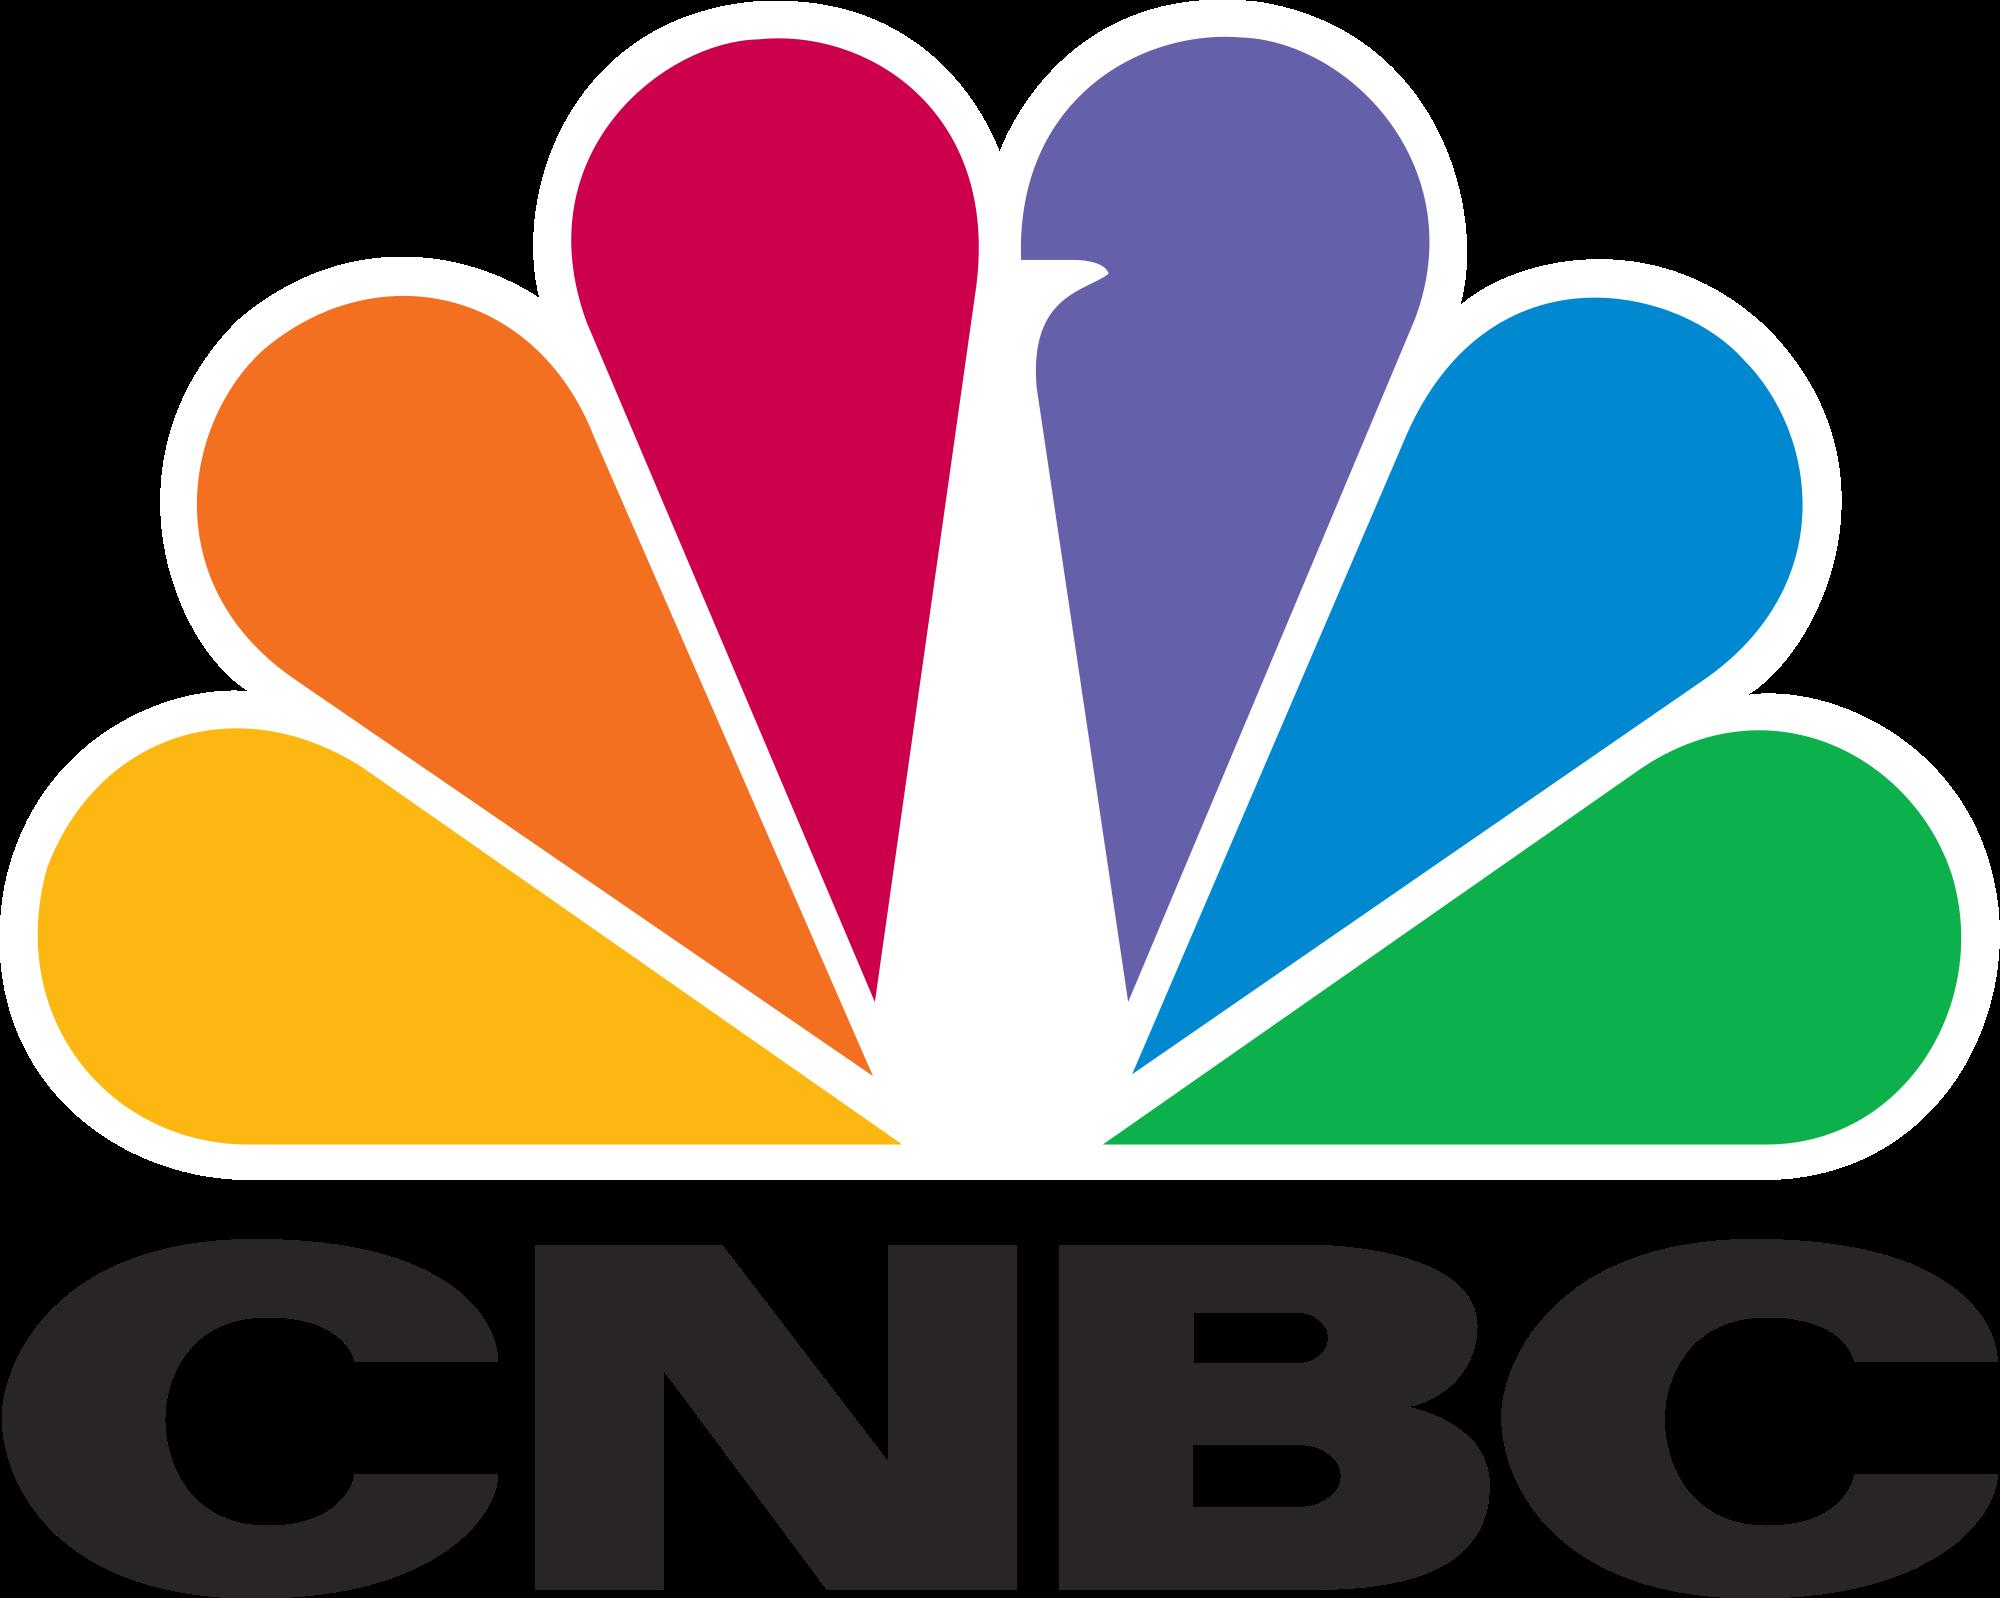 2000px-CNBC_logo